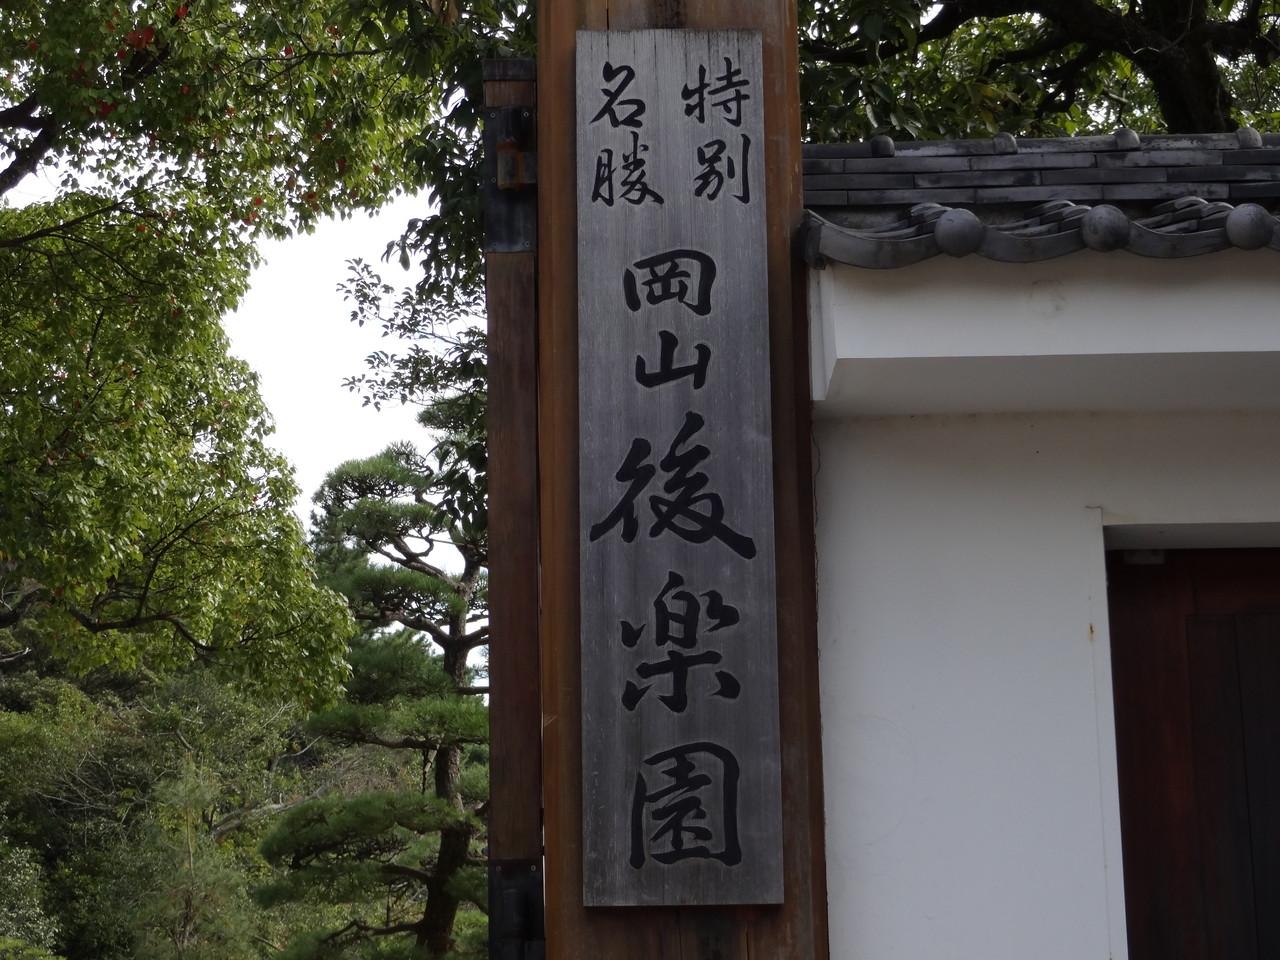 1後楽園(中) (2)